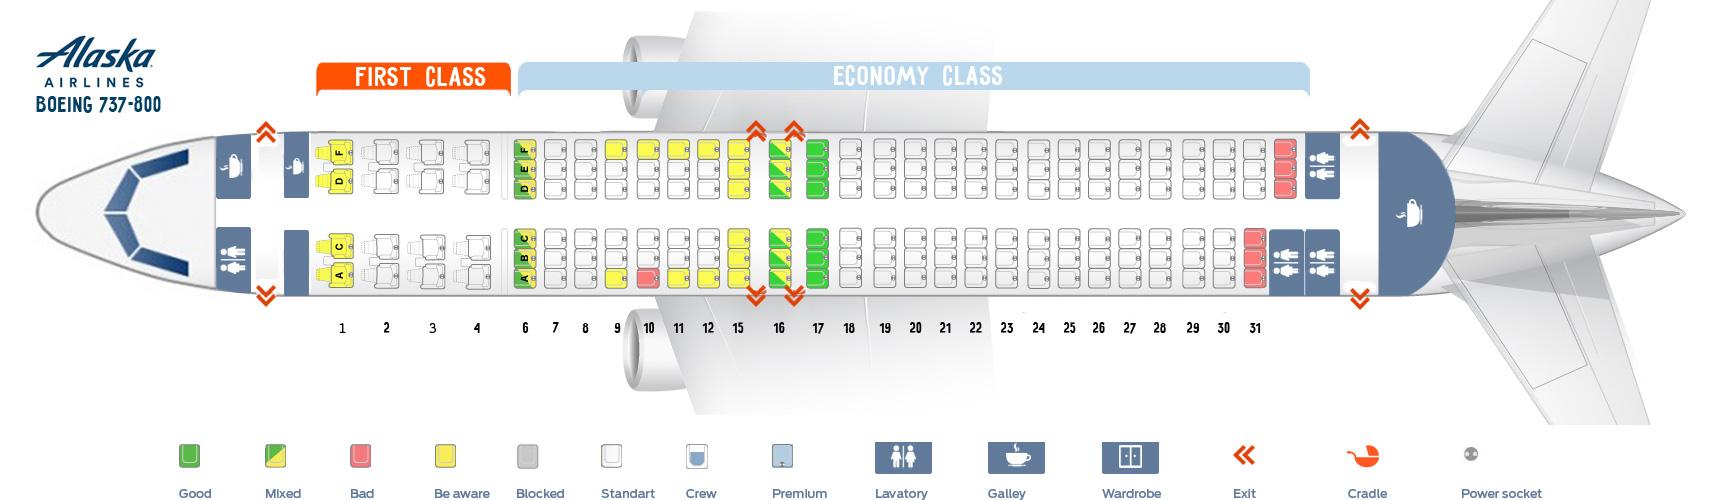 boeing 737 800 seating chart alaska airlines. Black Bedroom Furniture Sets. Home Design Ideas